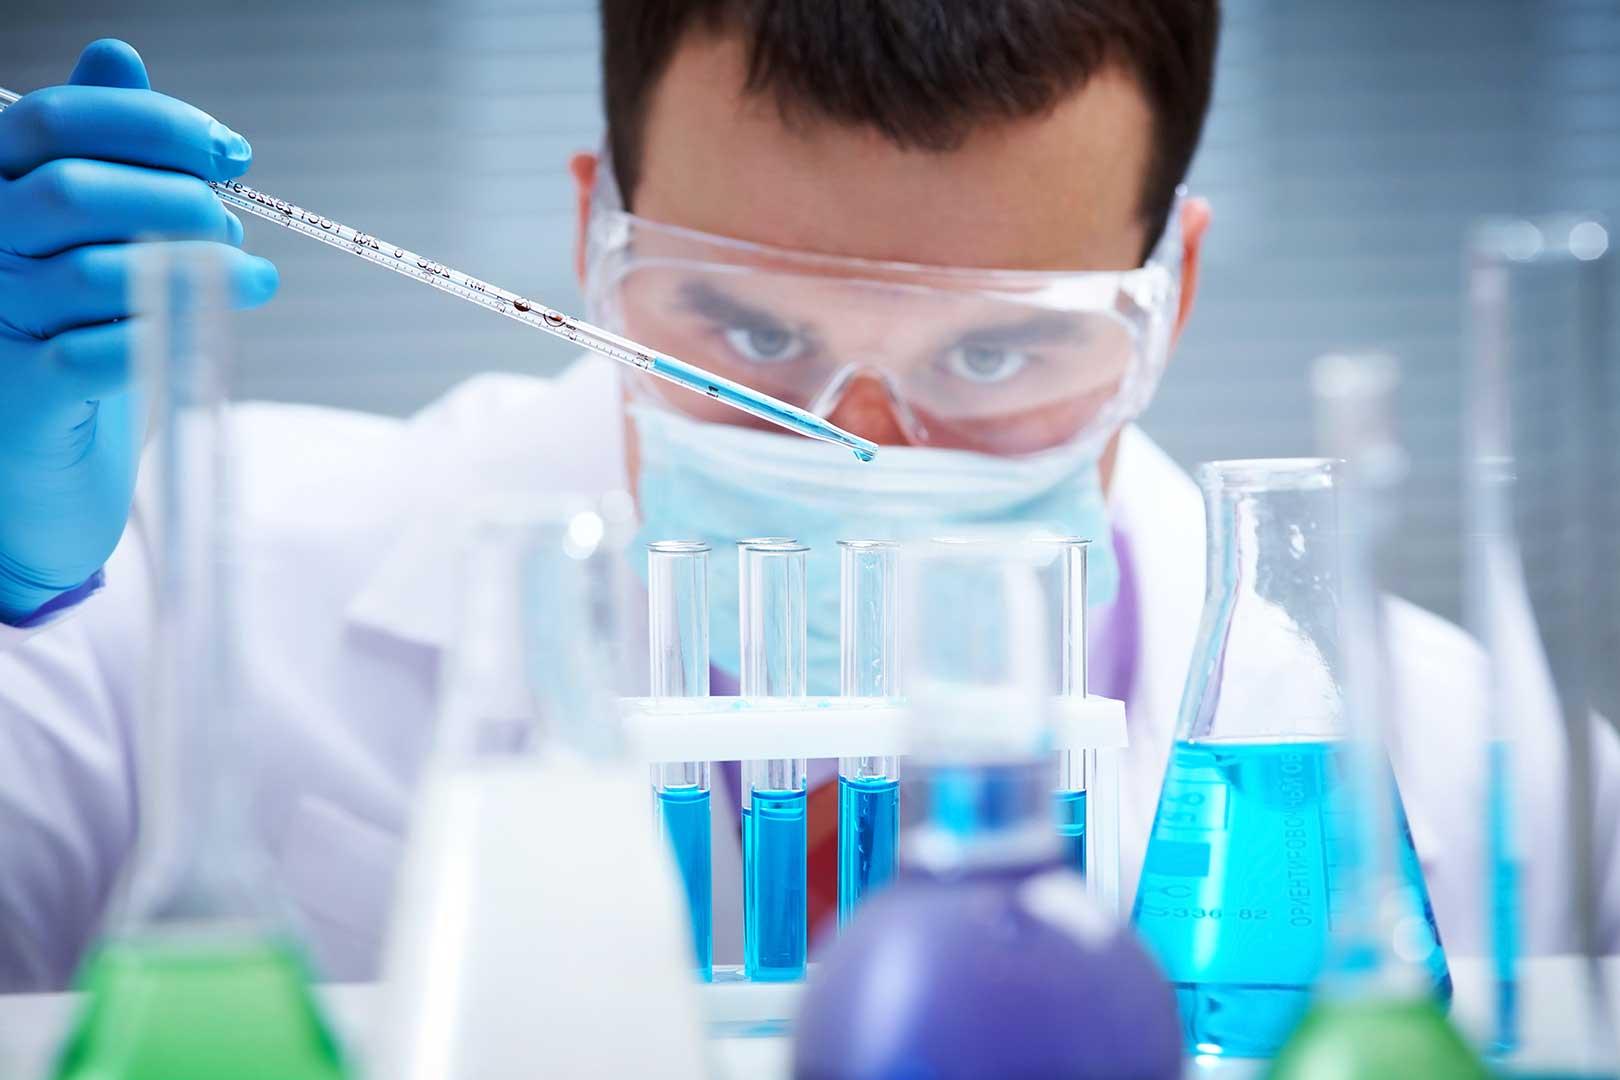 ژنتیک ژنتیک|رشته ژنتیک|بیوانفورماتیک|بیوکمپ|طراحی دارو|زیست شناسی Dollarphotoclu